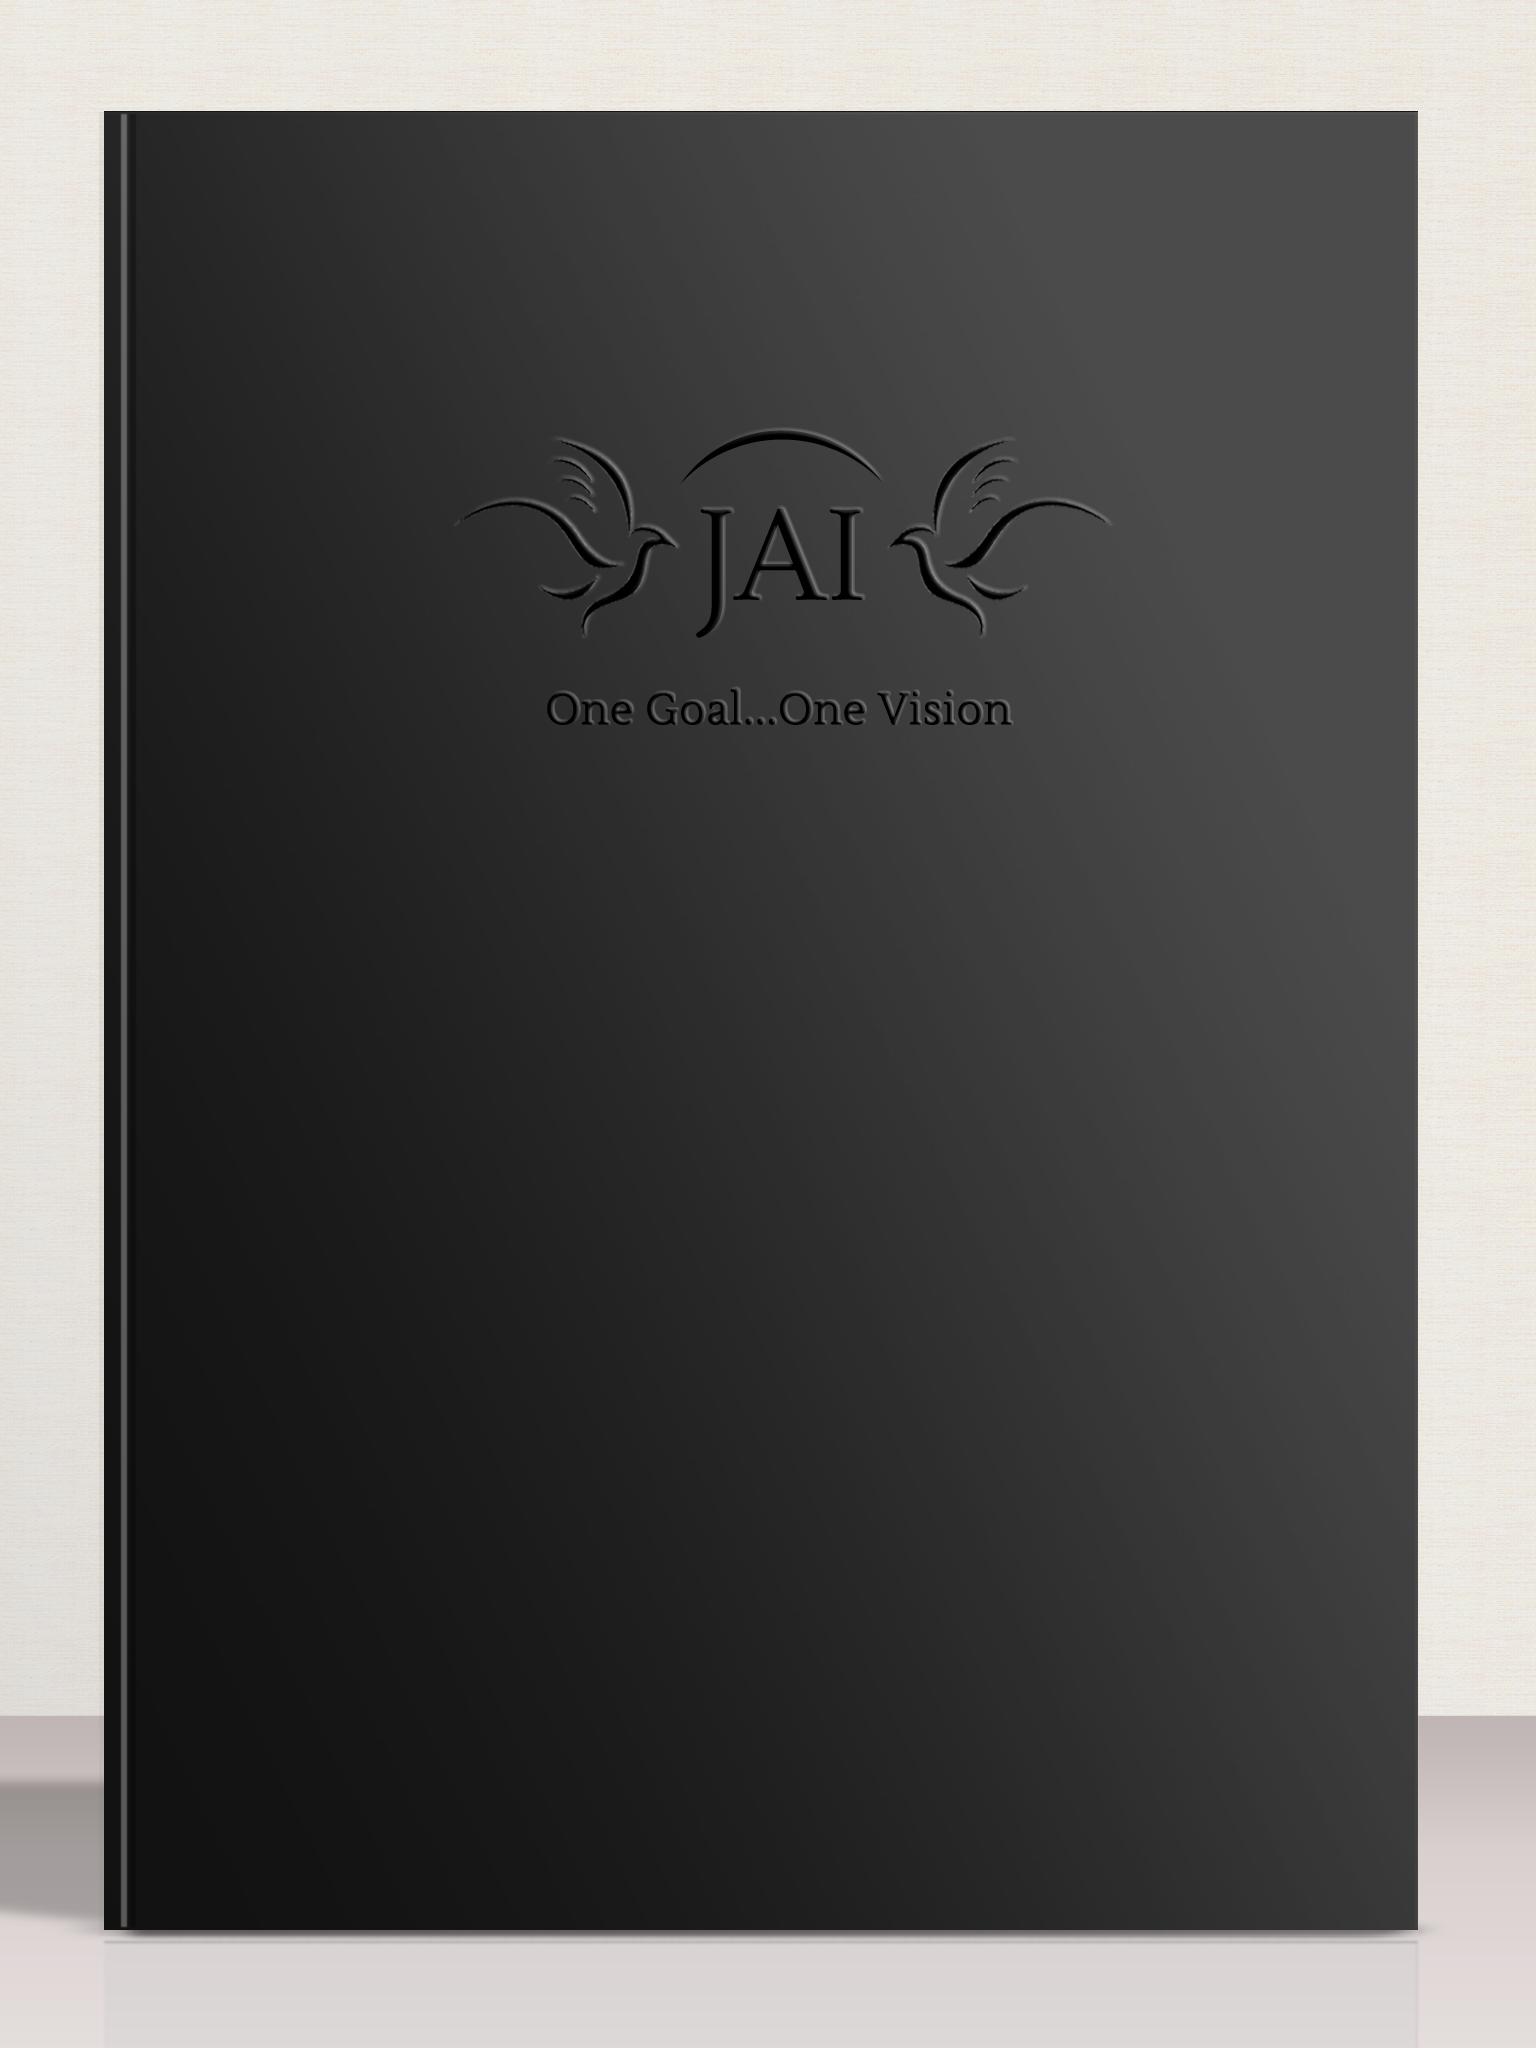 The JAI A4 Diary